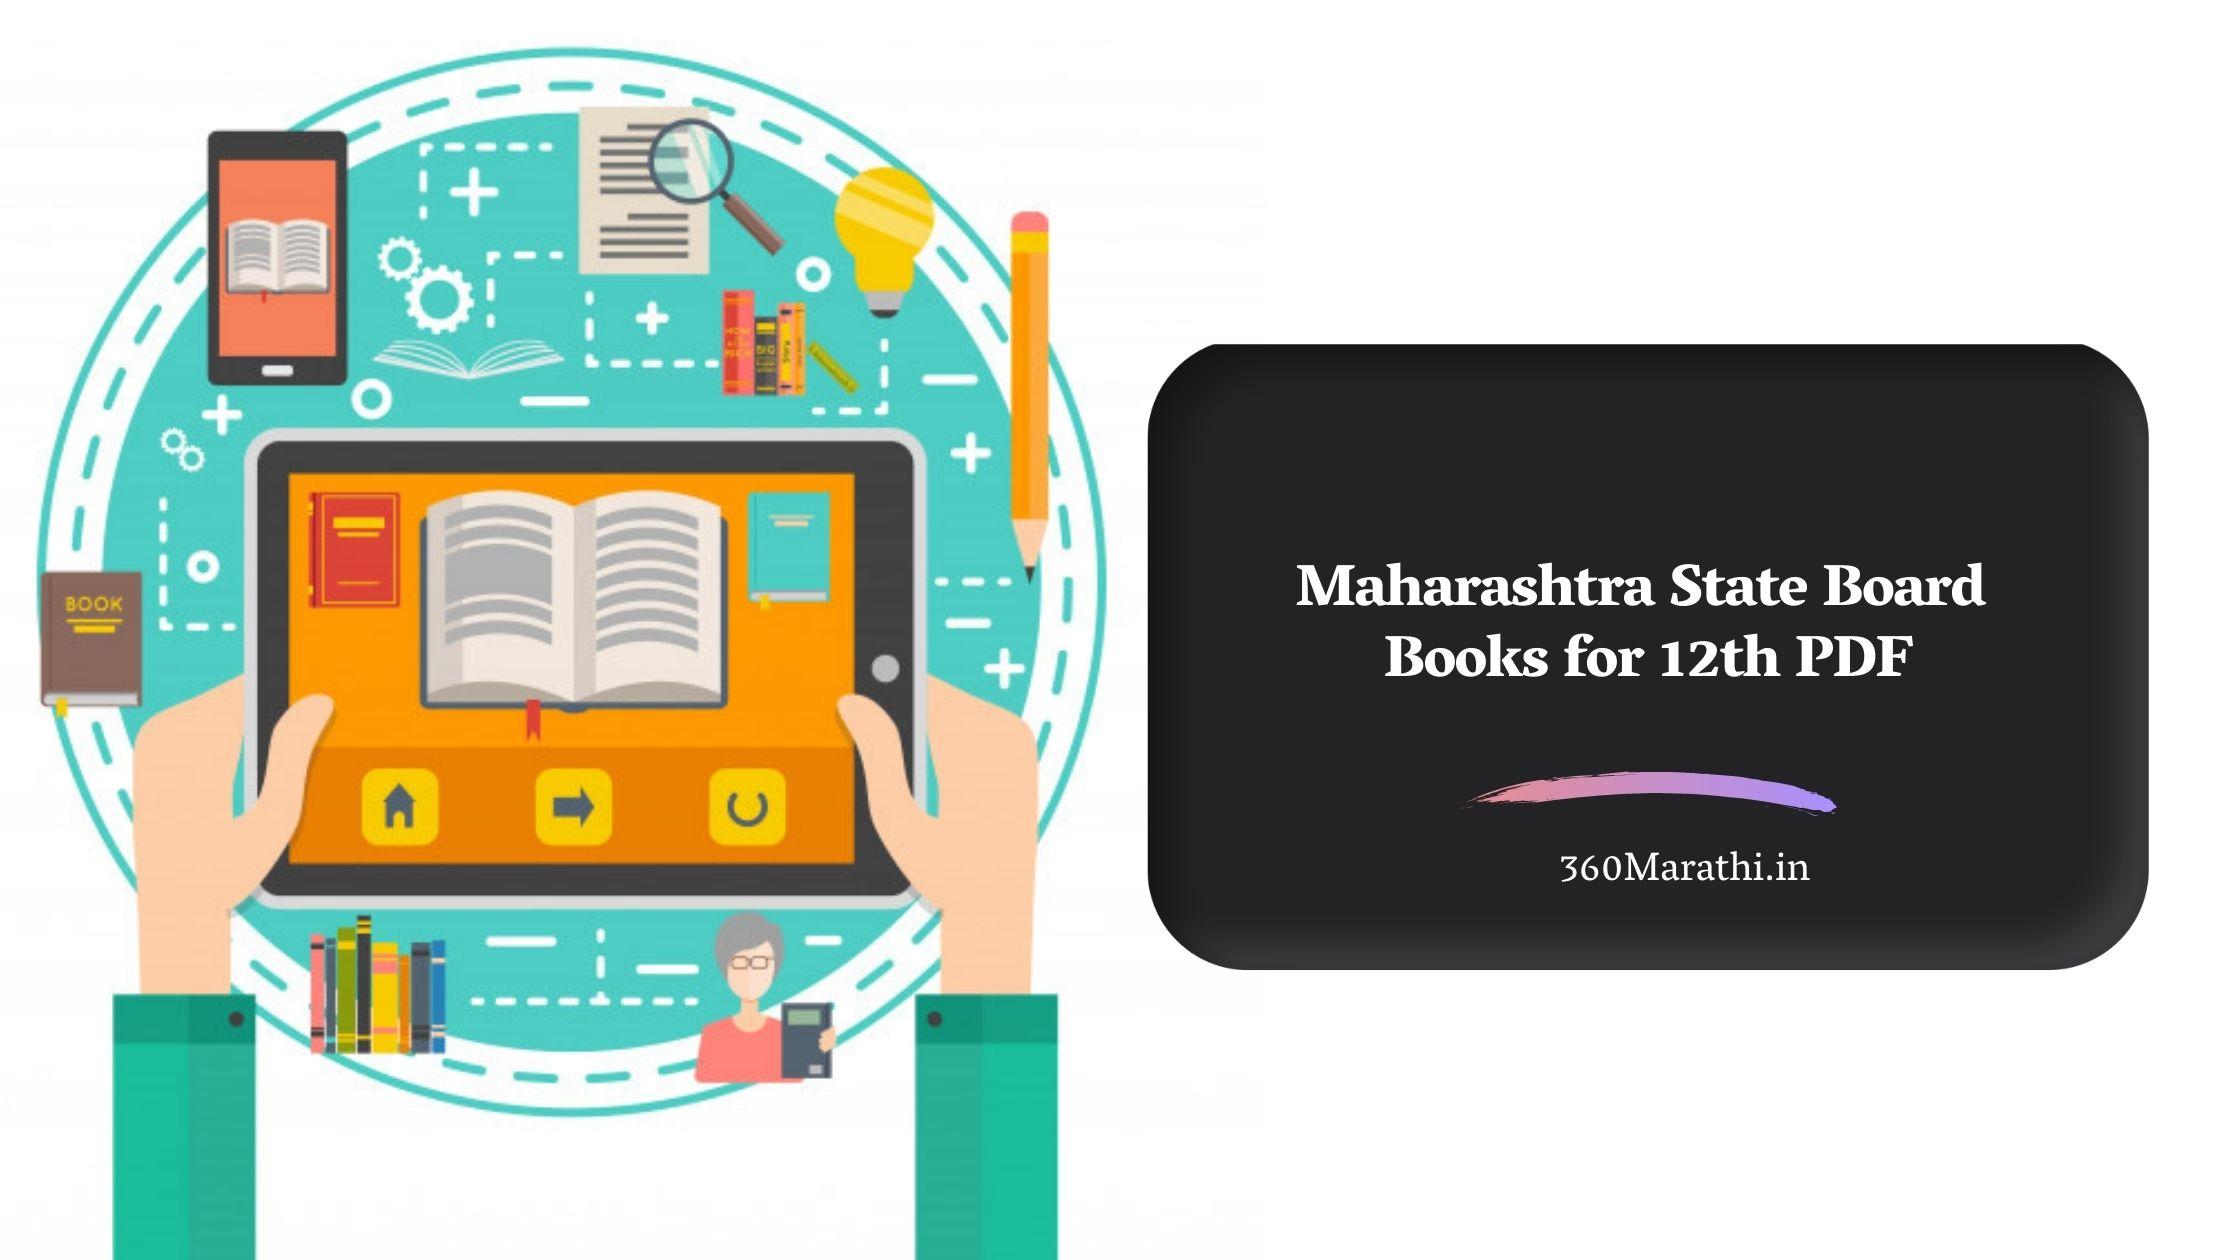 Maharashtra State Board Books for 12th PDF